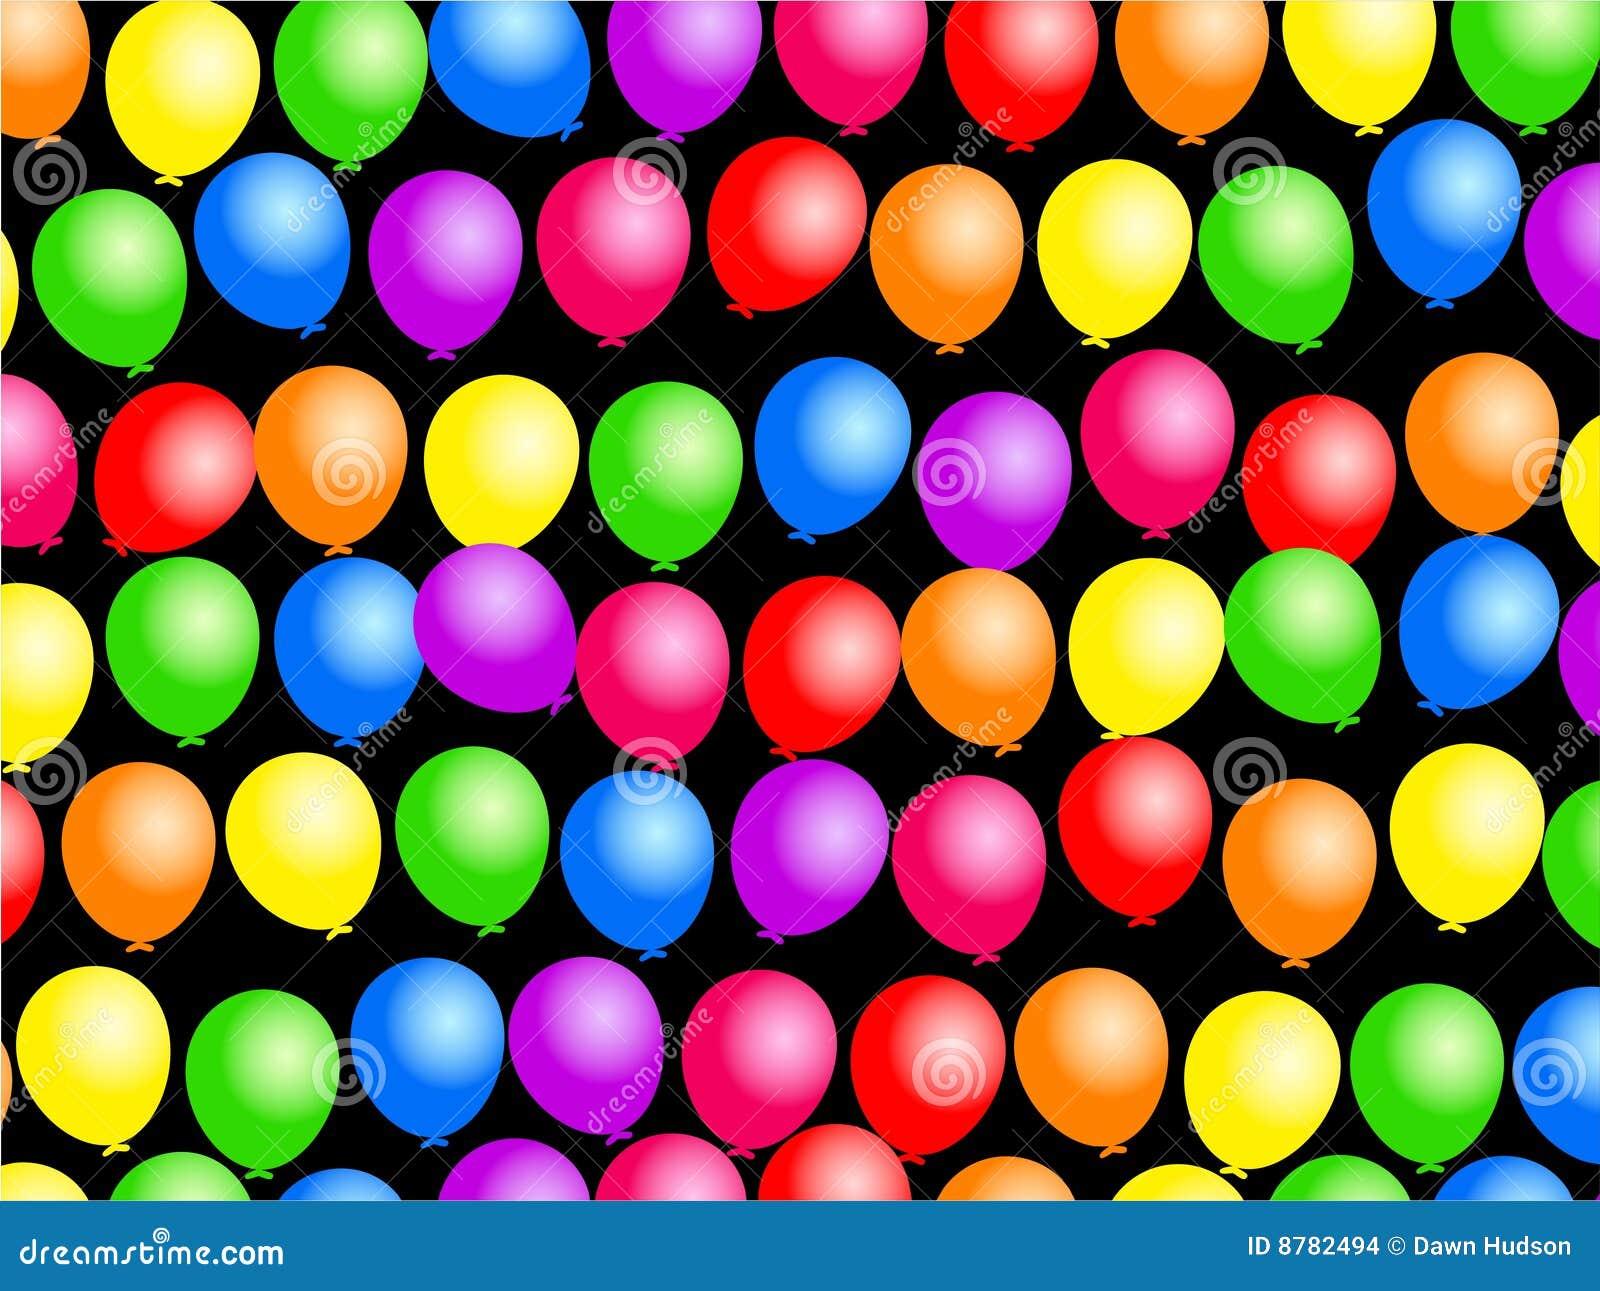 Papel pintado del globo imagenes de archivo imagen 8782494 for Imagenes de papel pintado